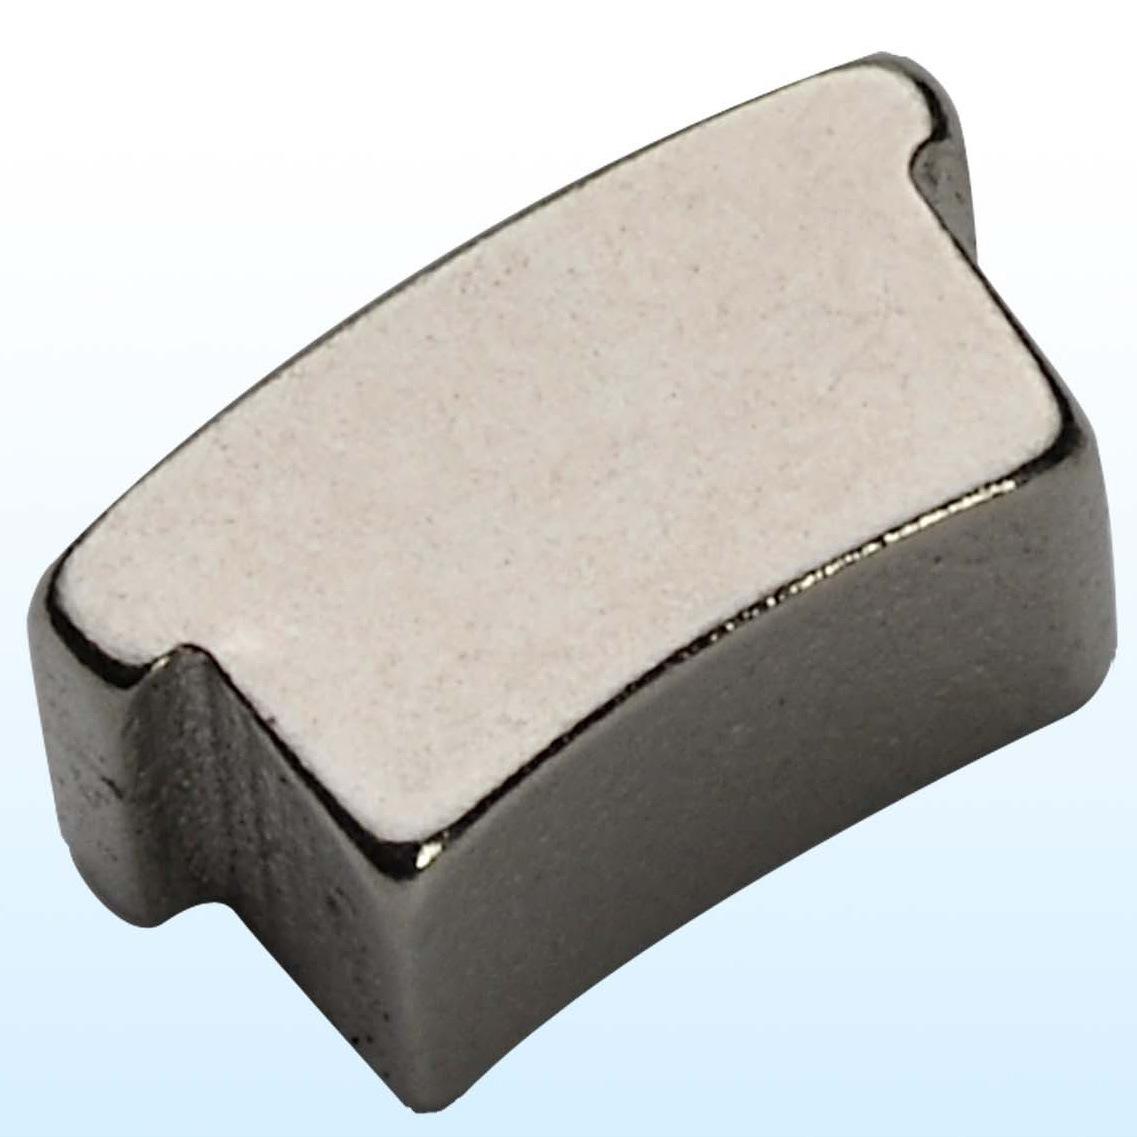 China Neodymium Magnet - China Ndfeb, Neodymium Magnet